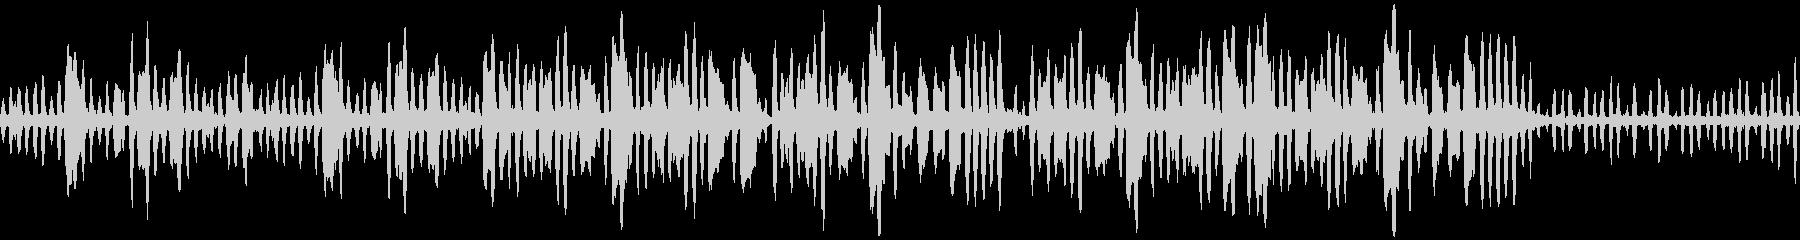 リコーダーの元気で可愛い曲1_ループの未再生の波形